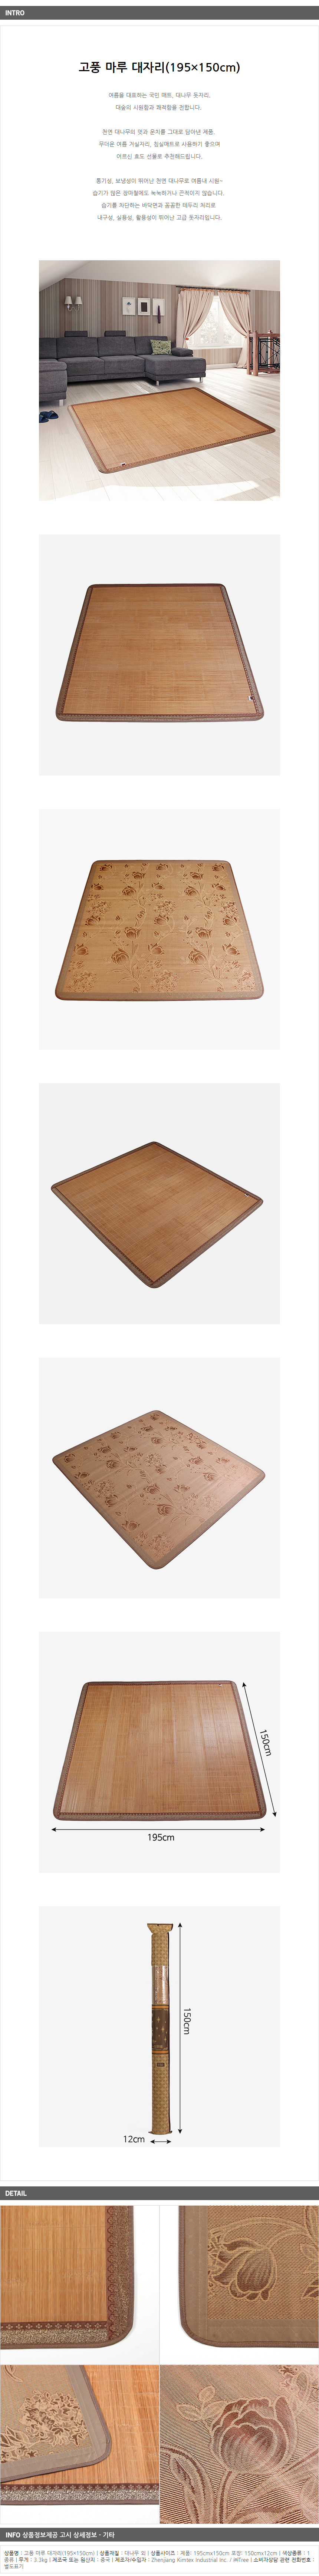 내츄럴리빙 여름 거실 대나무 대자리(195x150cm) - 기프트갓, 51,750원, 여름용매트, 대자리/여름자리